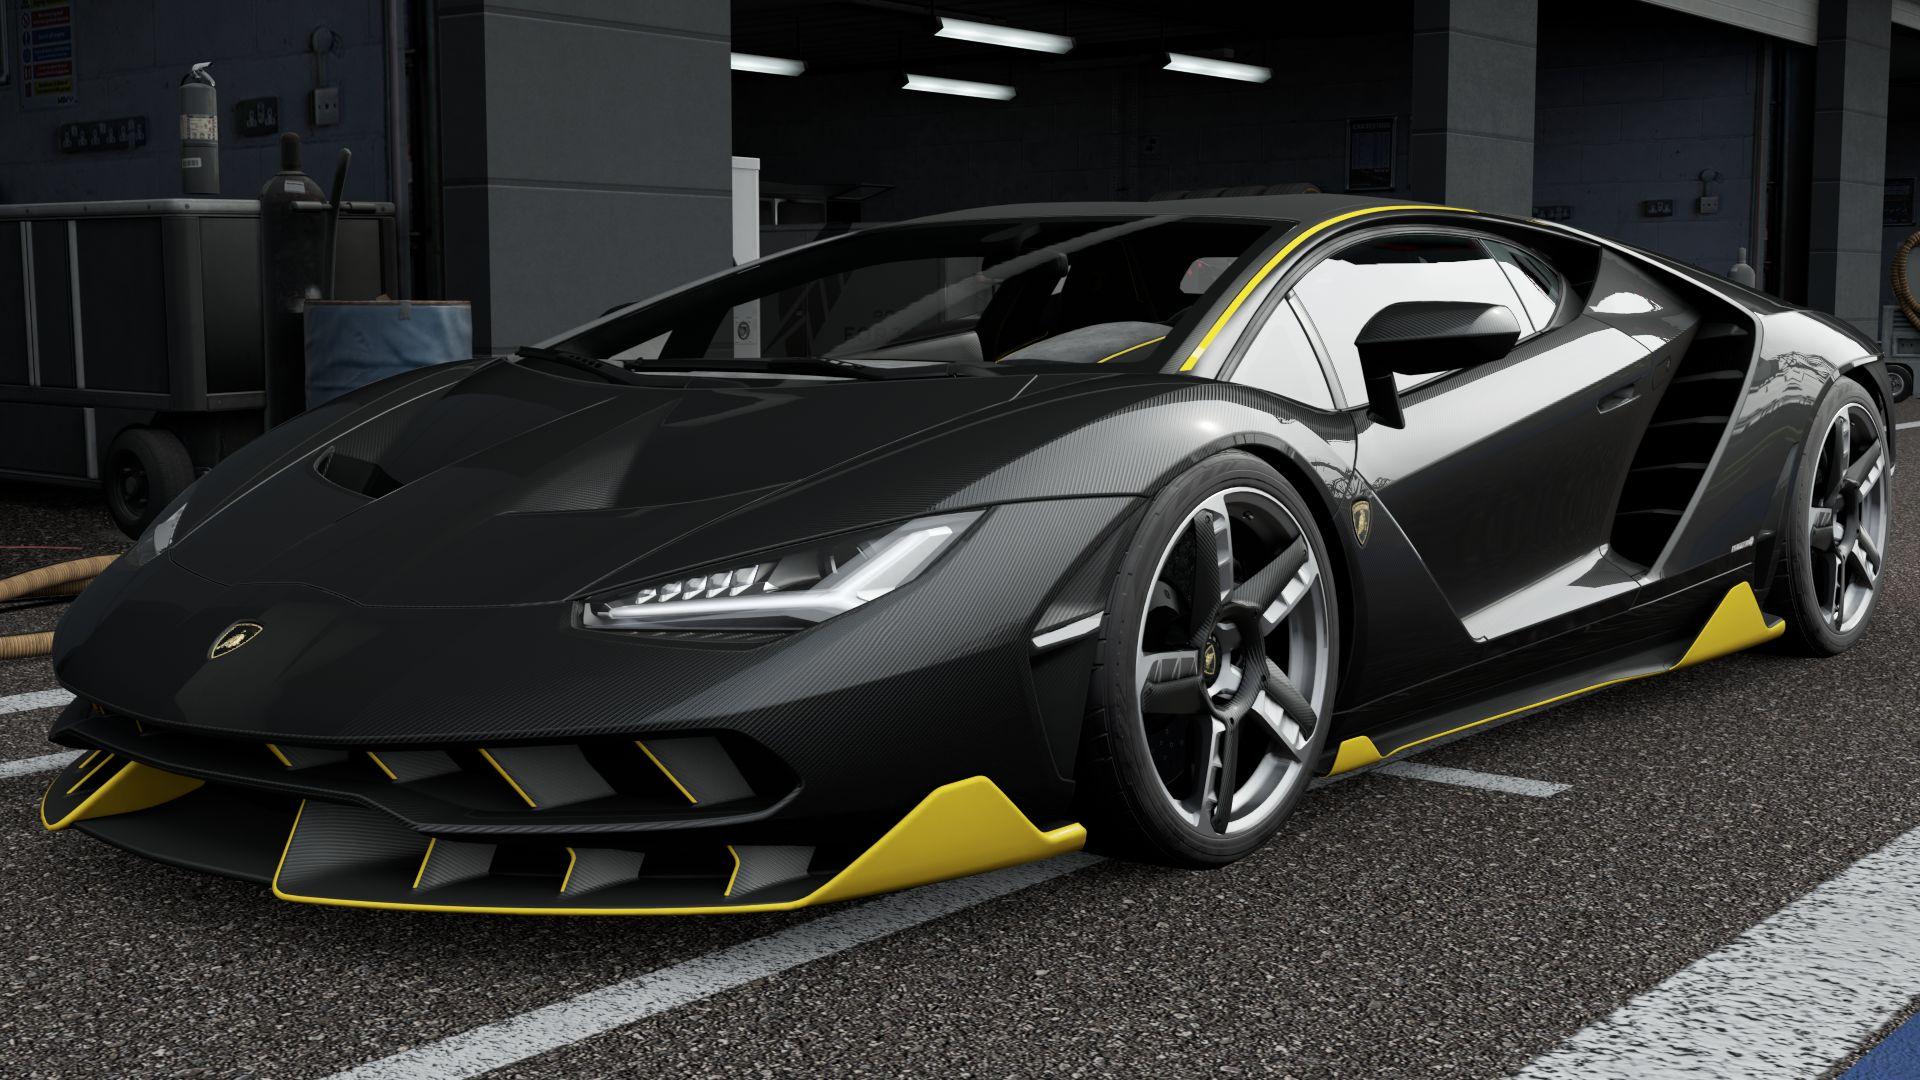 Lamborghini Veneno Wiki >> Lamborghini Centenario LP 770-4   Forza Motorsport Wiki   FANDOM powered by Wikia